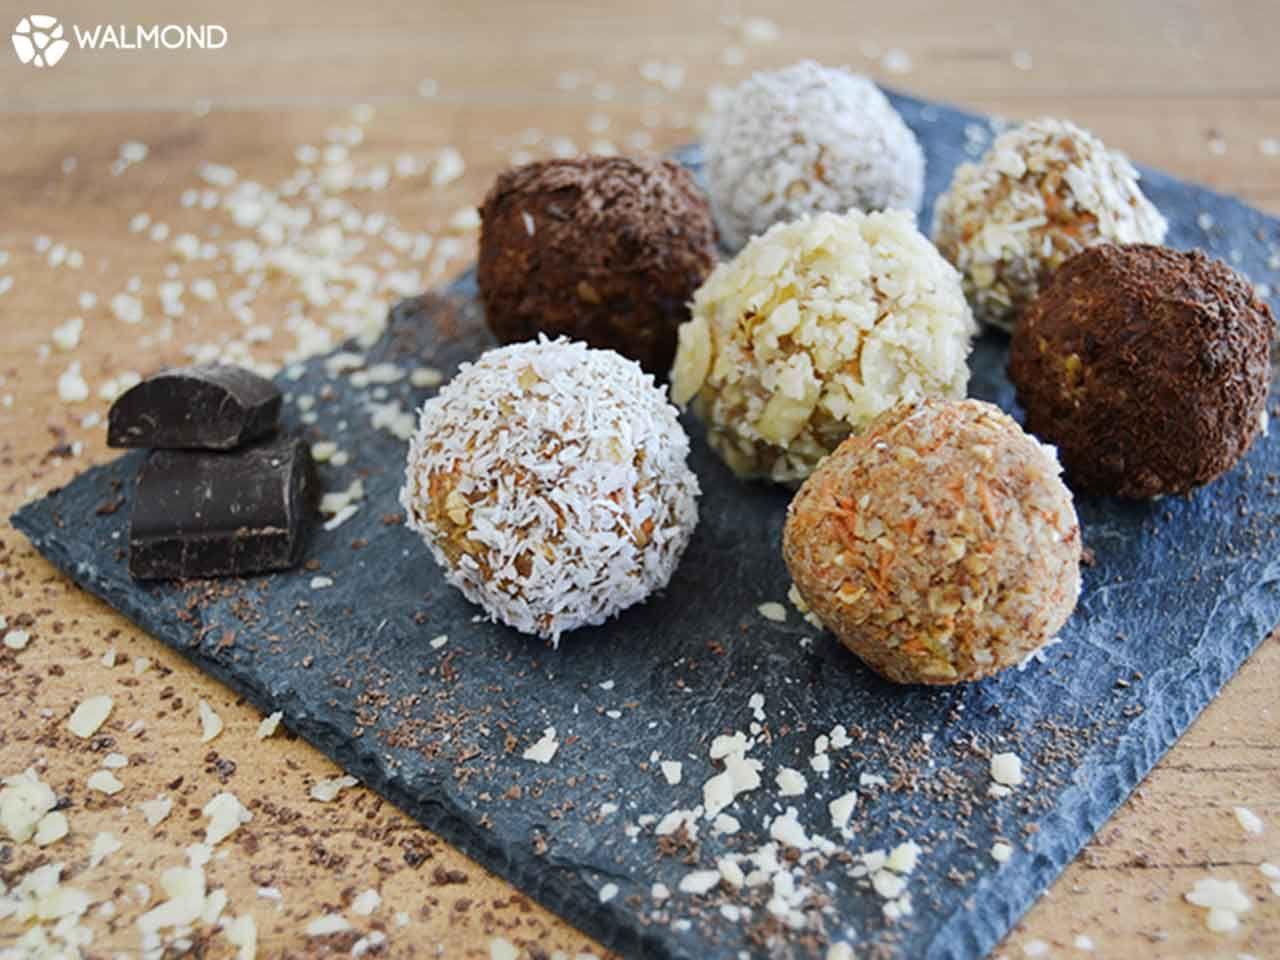 Ideais para um lanche em família, estas deliciosas trufas de frutos secos são típicas de qualquer altura do ano. Juntando ingredientes saudá